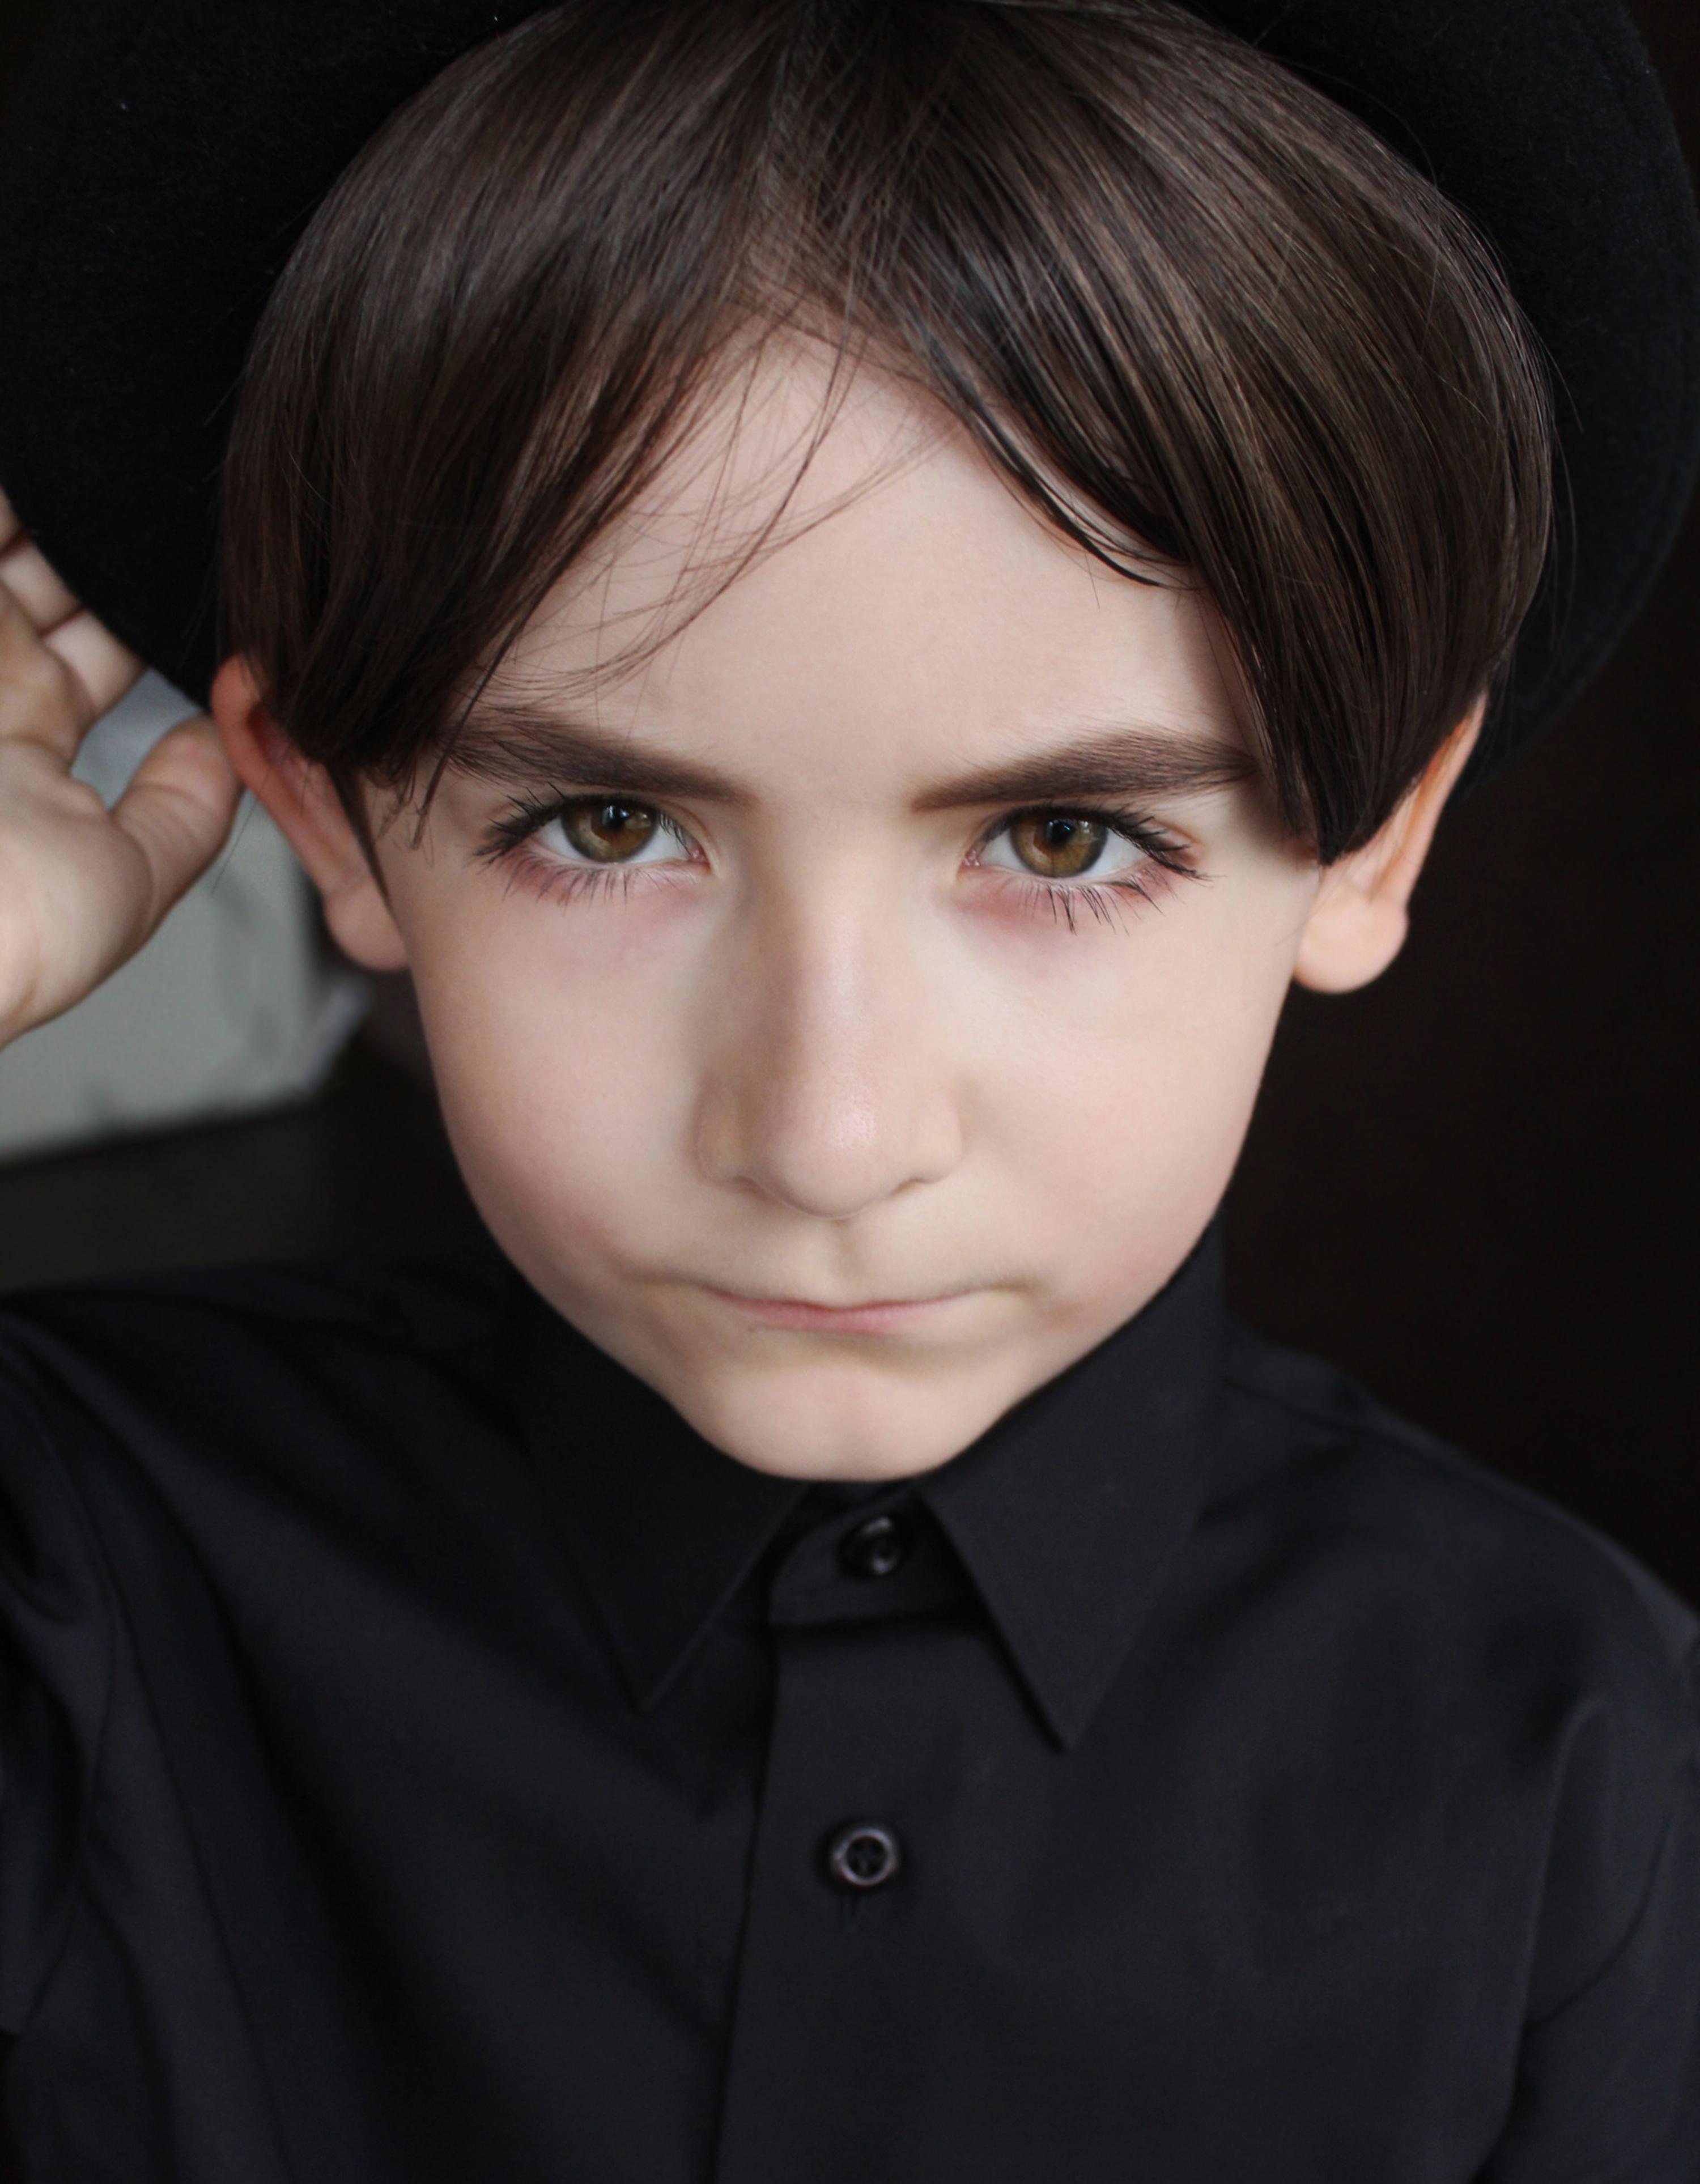 Фото Мальчик Влад в шляпе